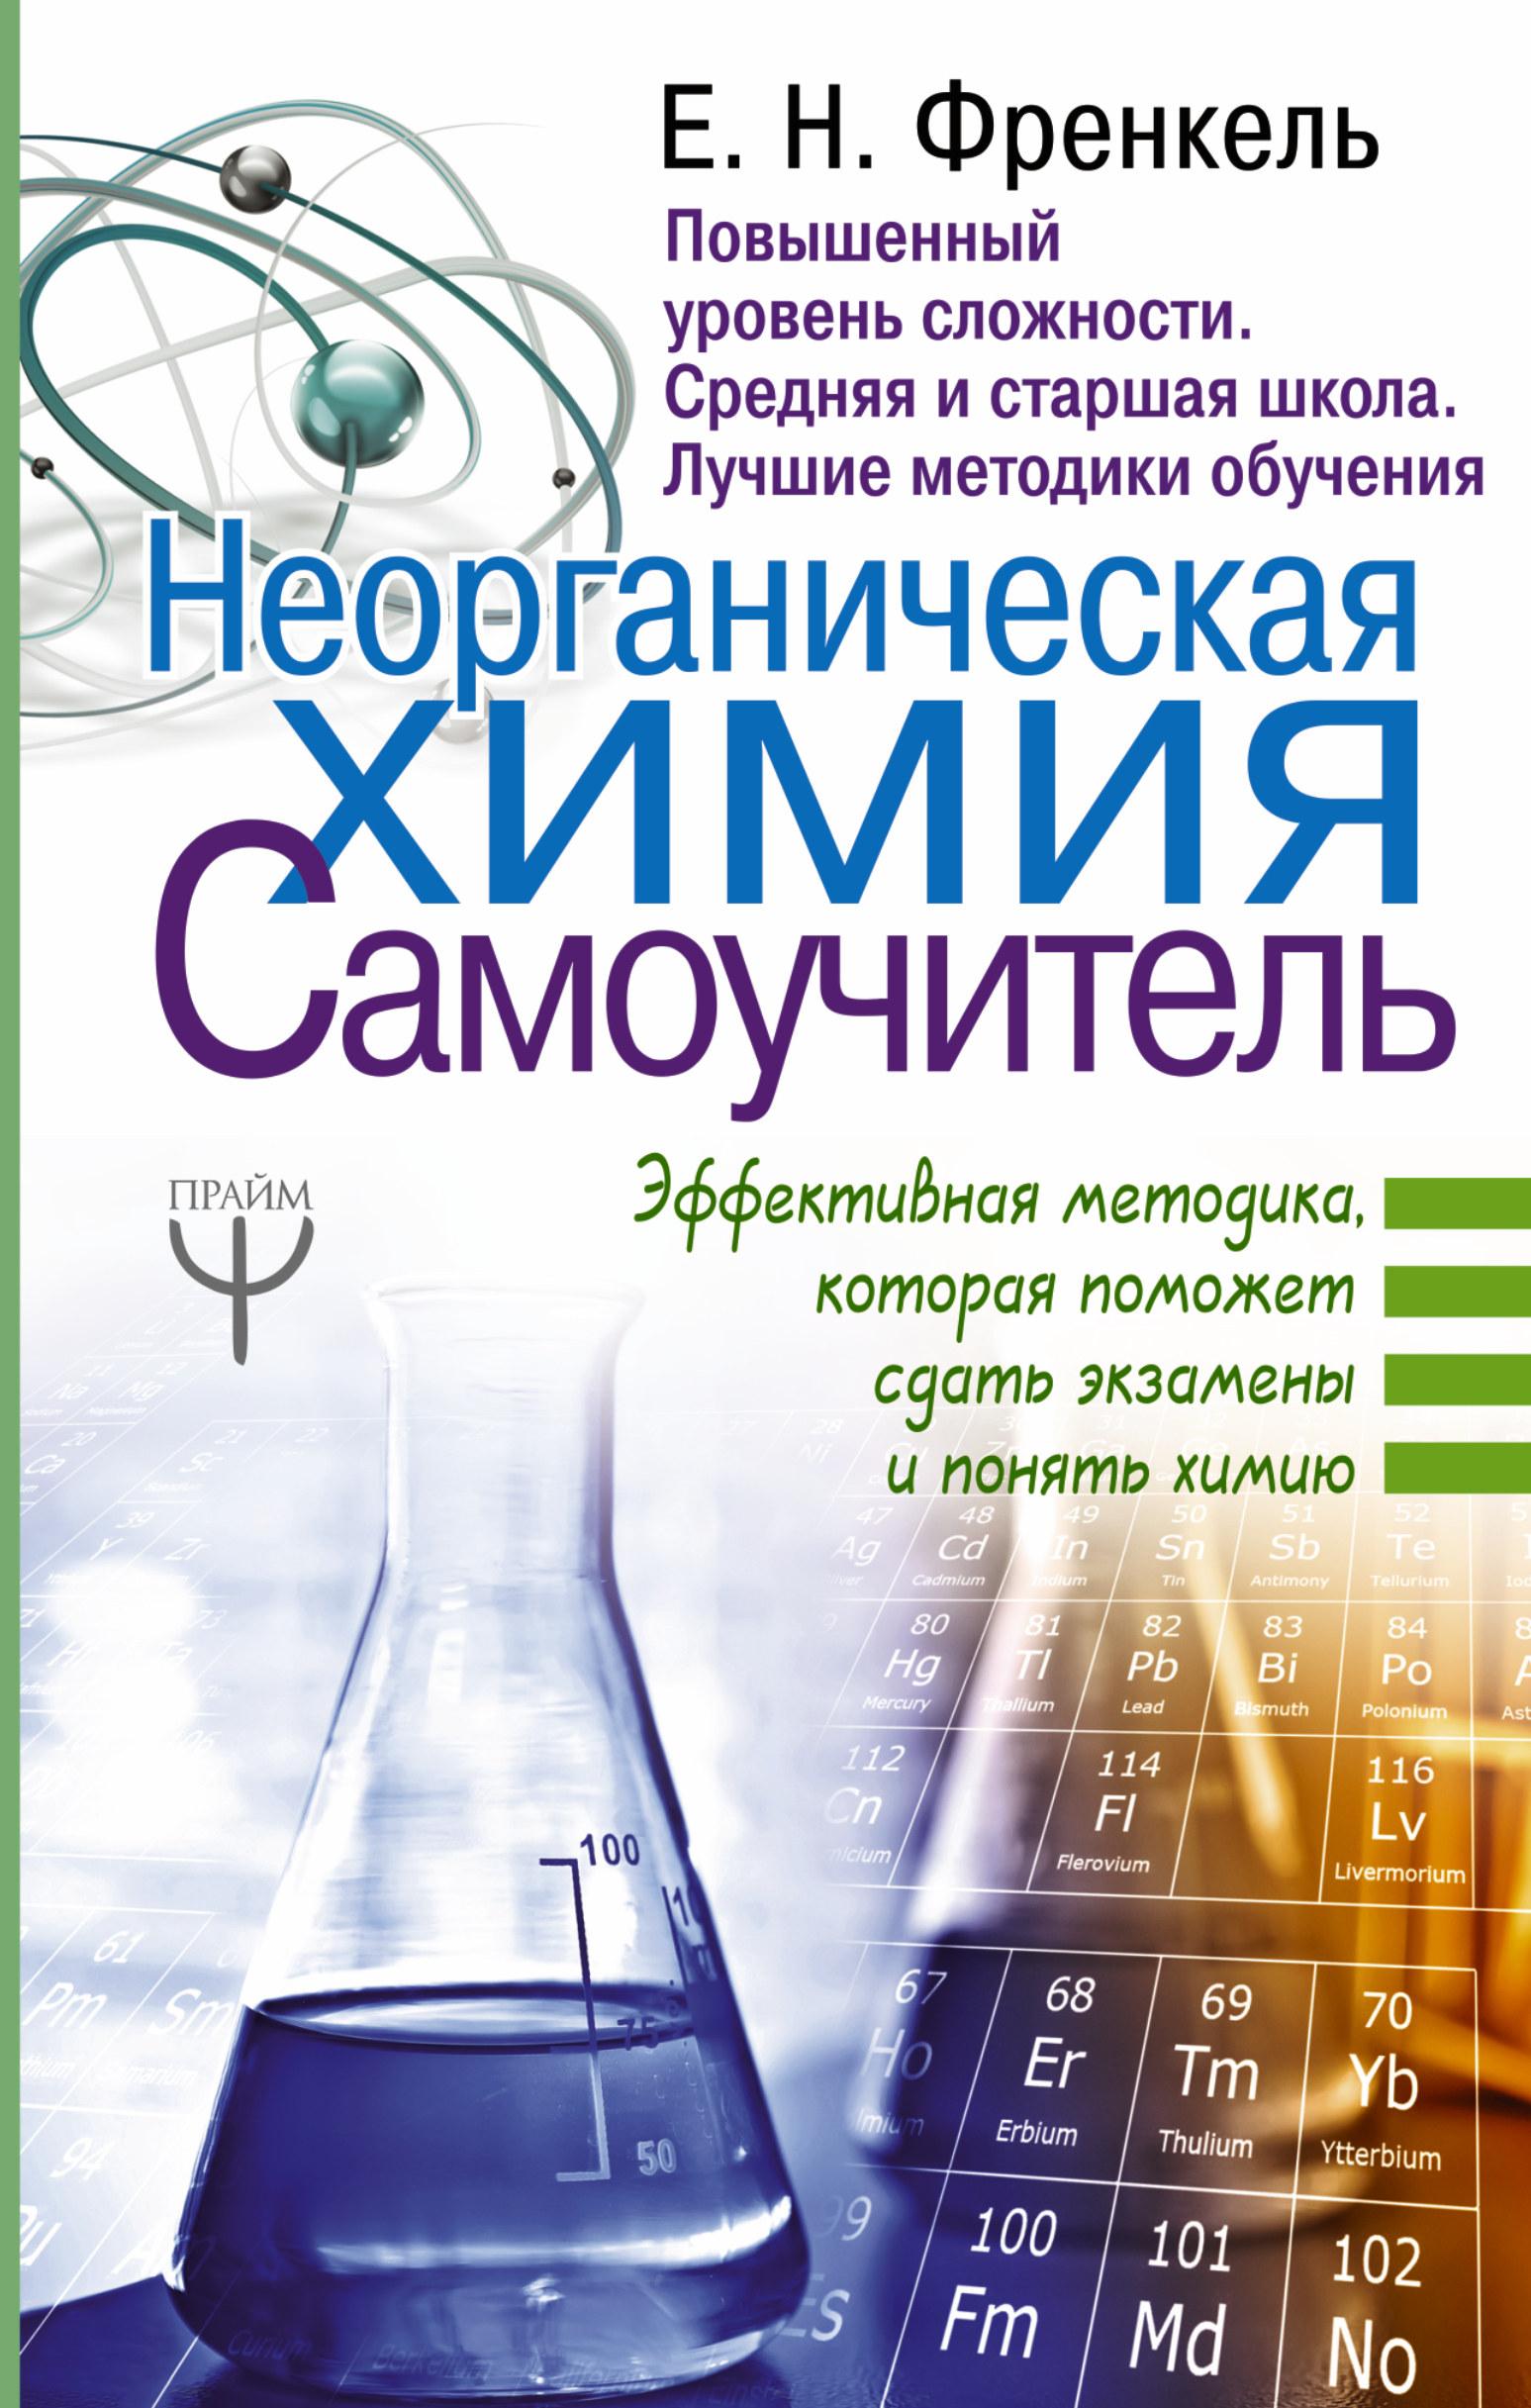 Неорганическая химия. Самоучитель. Эффективная методика, которая поможет сдать экзамены и понять химию. ( Френкель Е.Н.  )